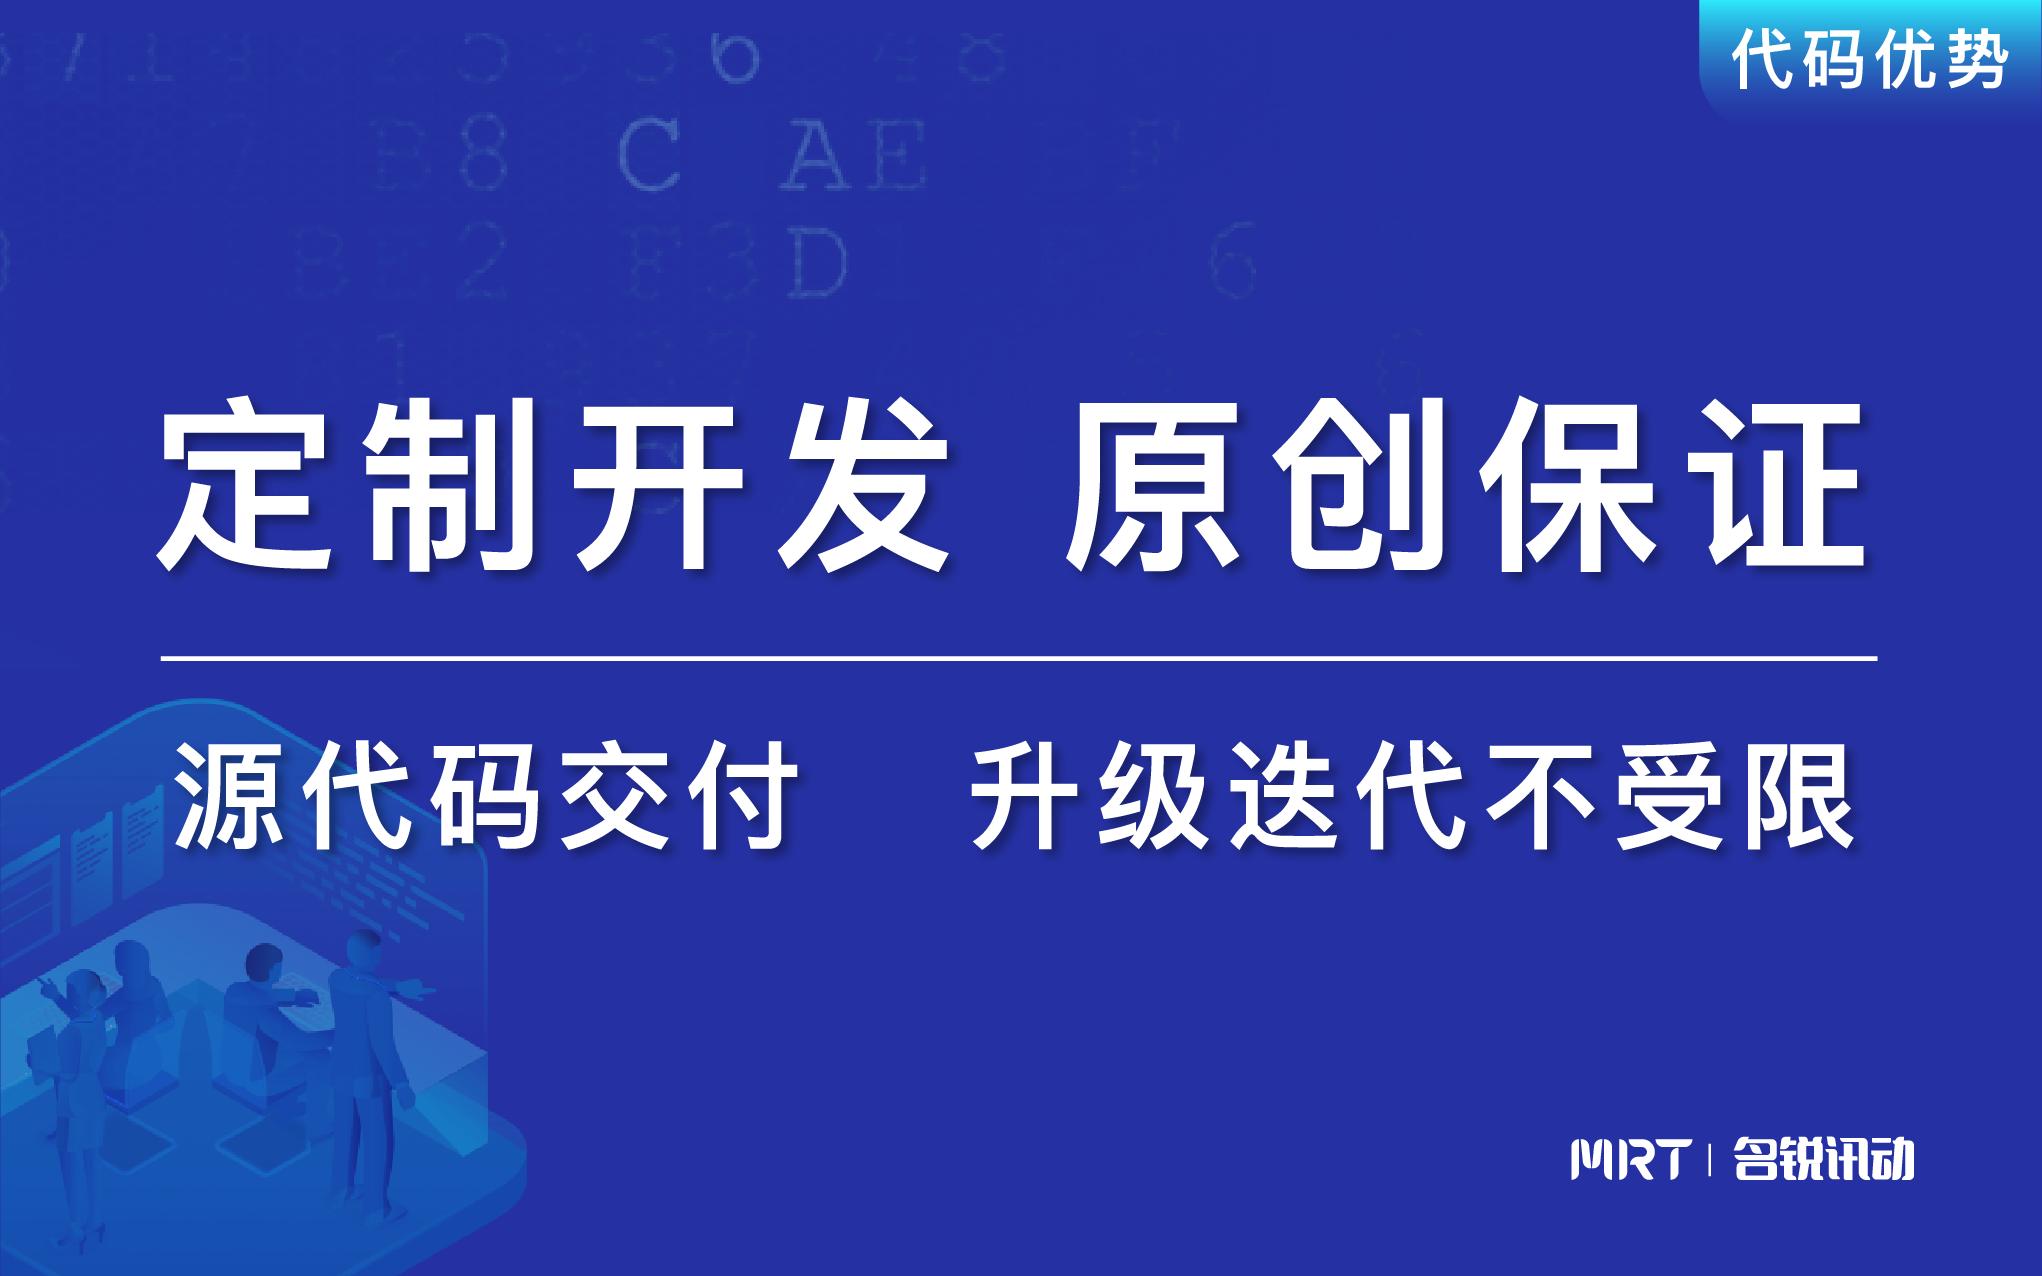 节日活动直播卖货微信小程序开发营销推广商城小程序定制开发